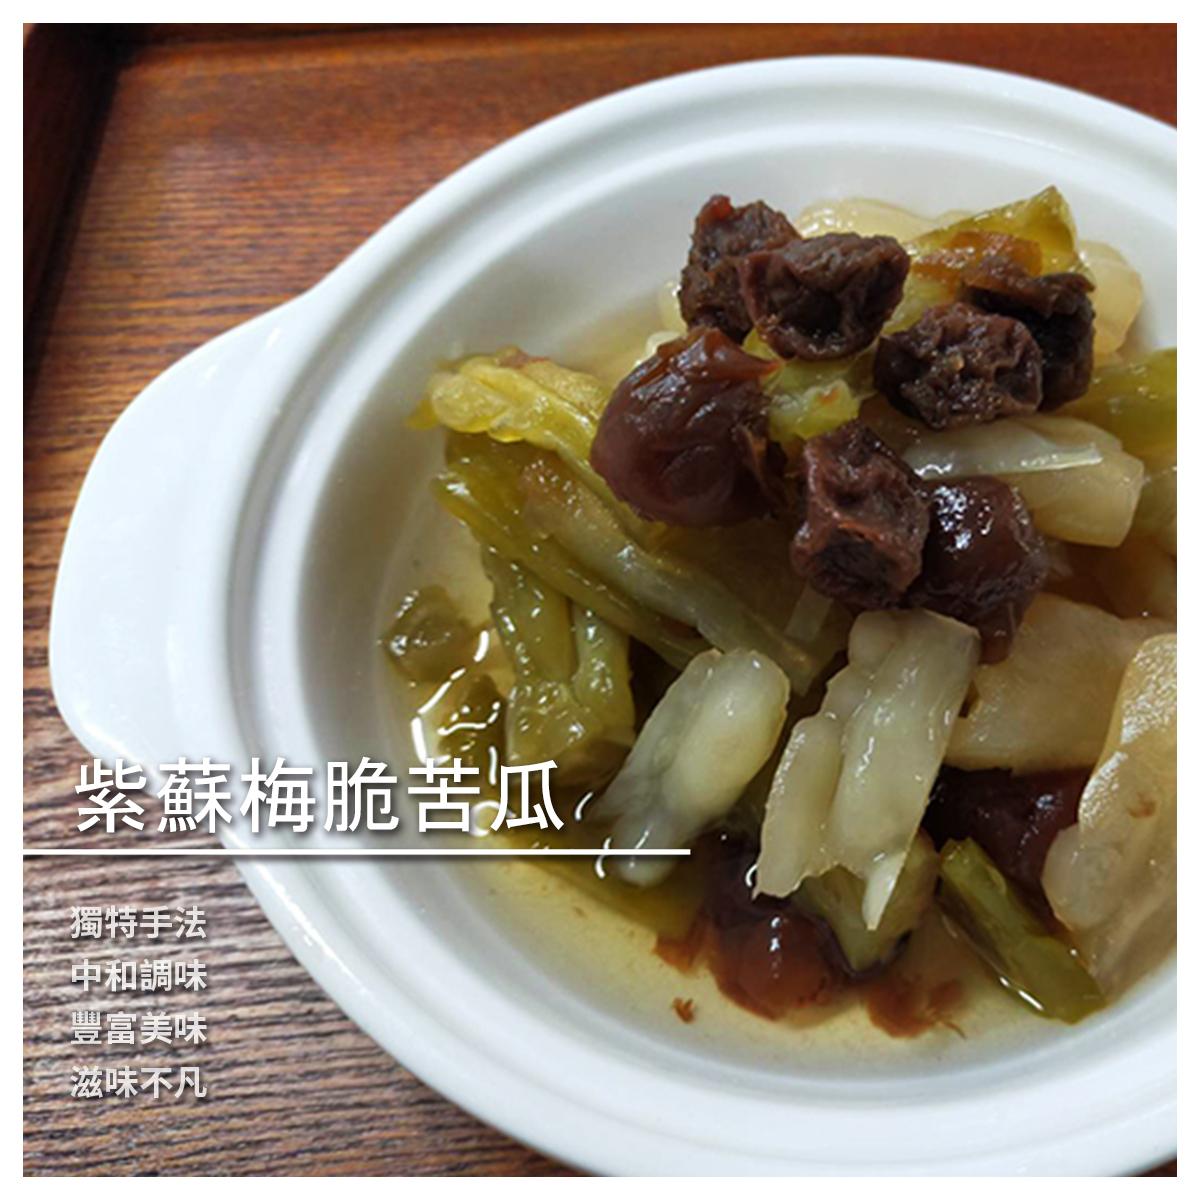 【知秋綠境屋】紫蘇梅脆苦瓜/含湯汁包/組